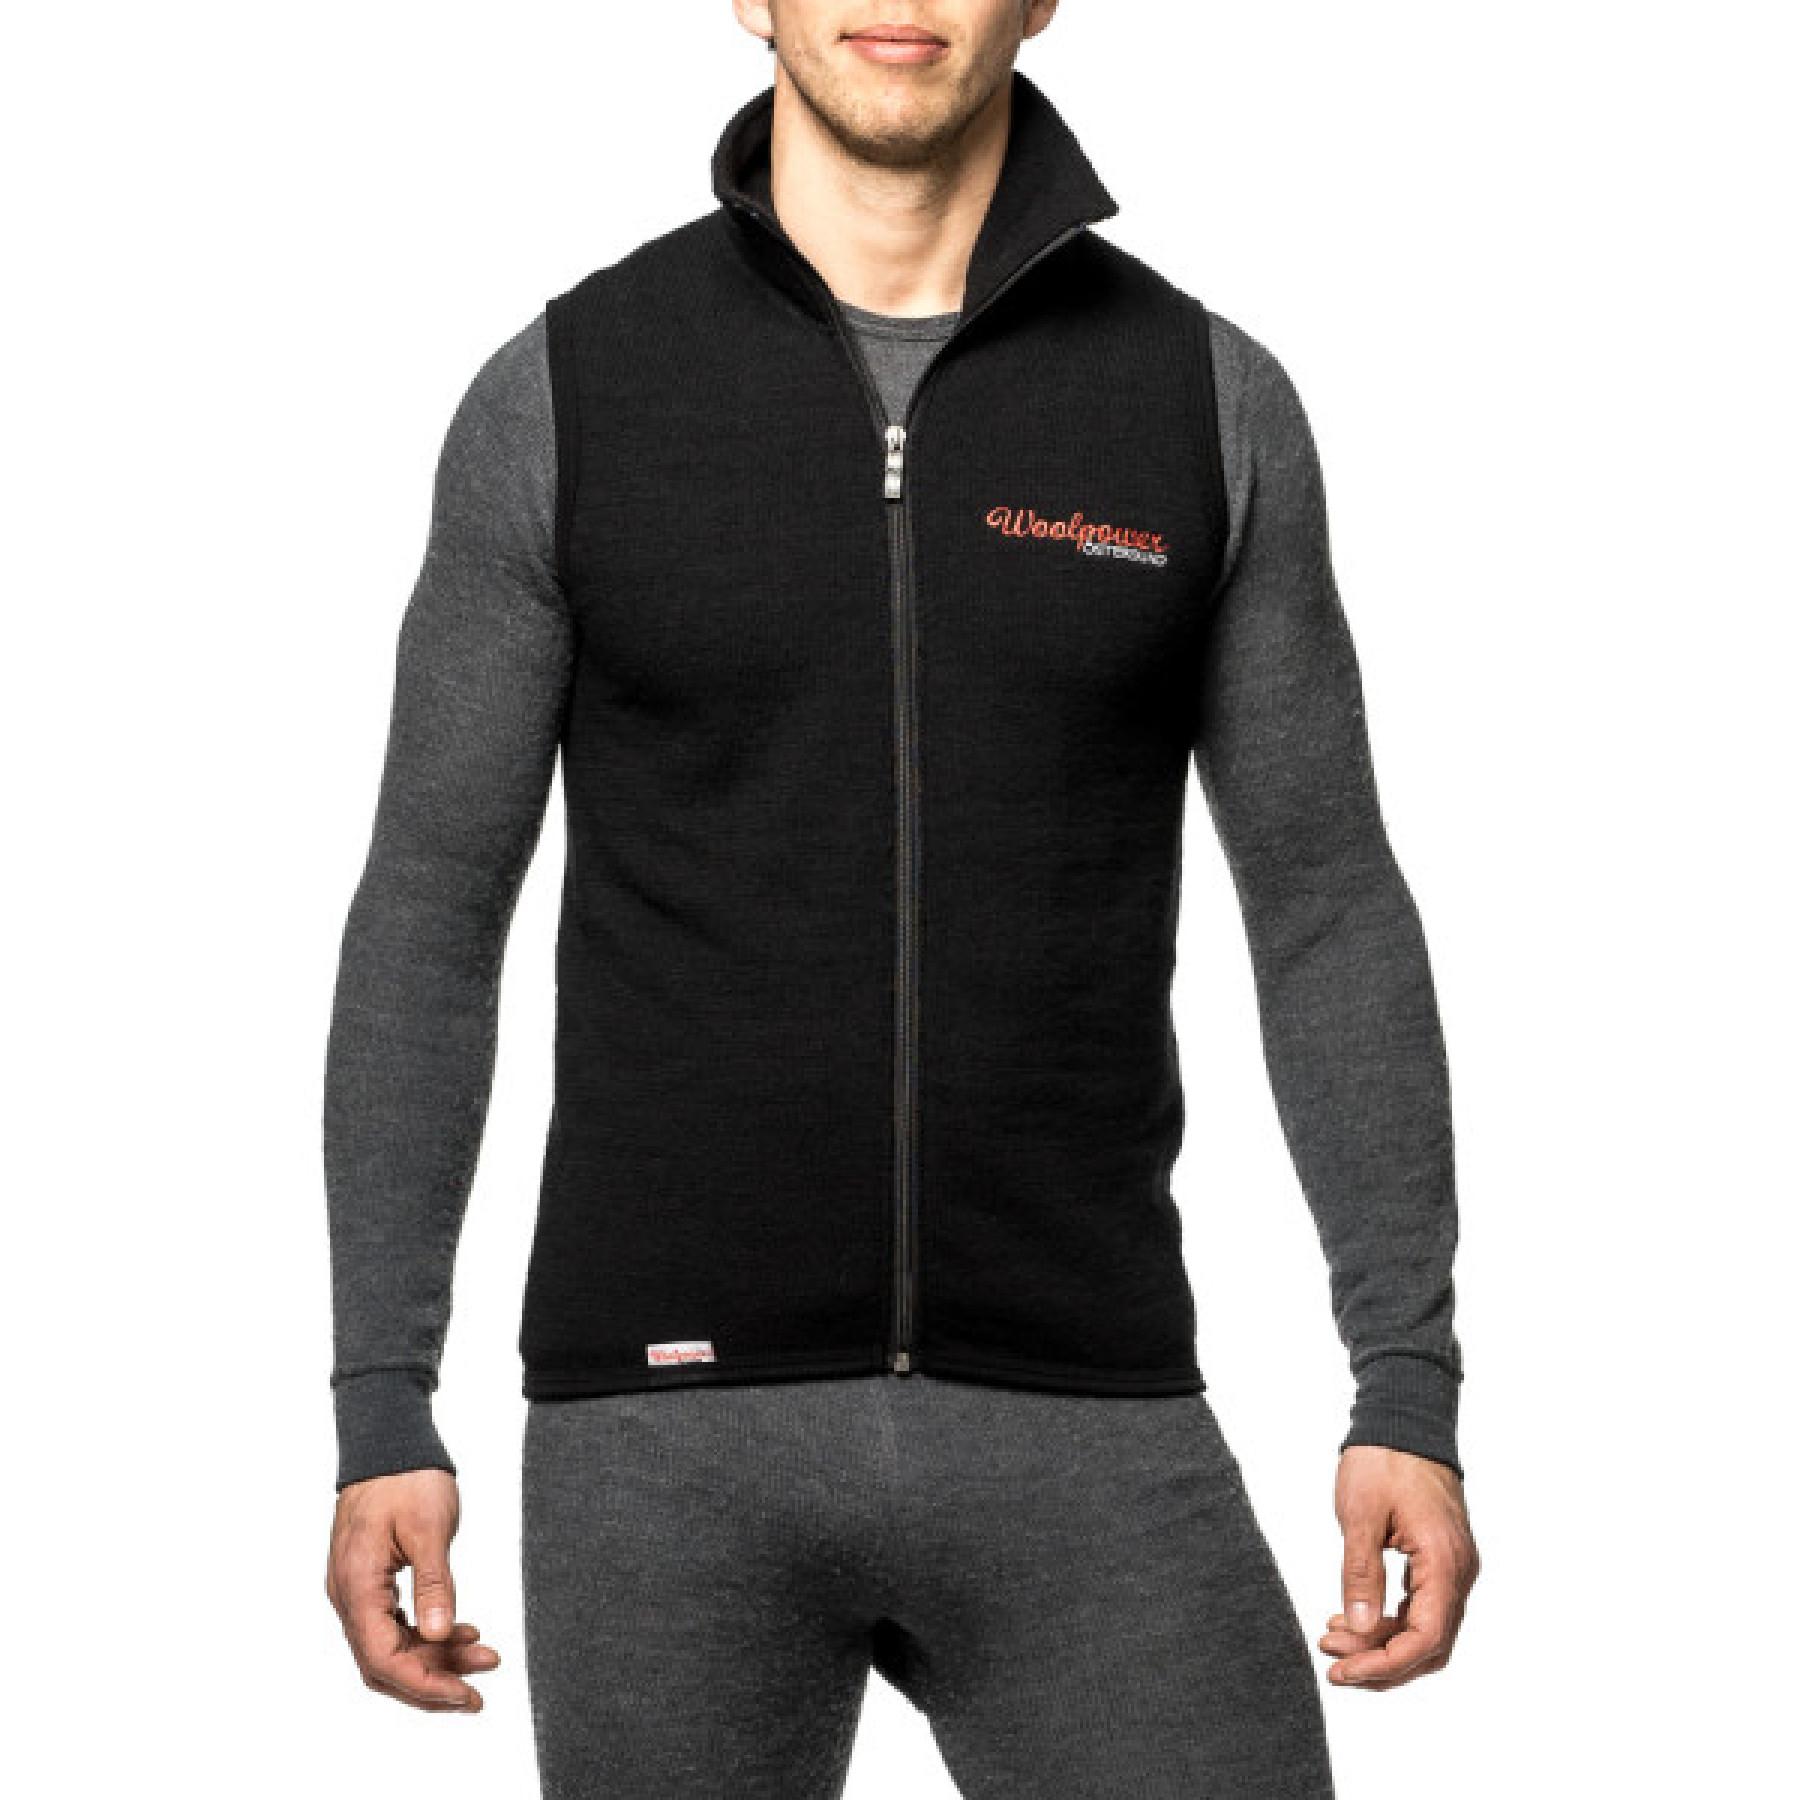 f4a535b5 Woolpower Vest 400 Black | Fjellsport.no